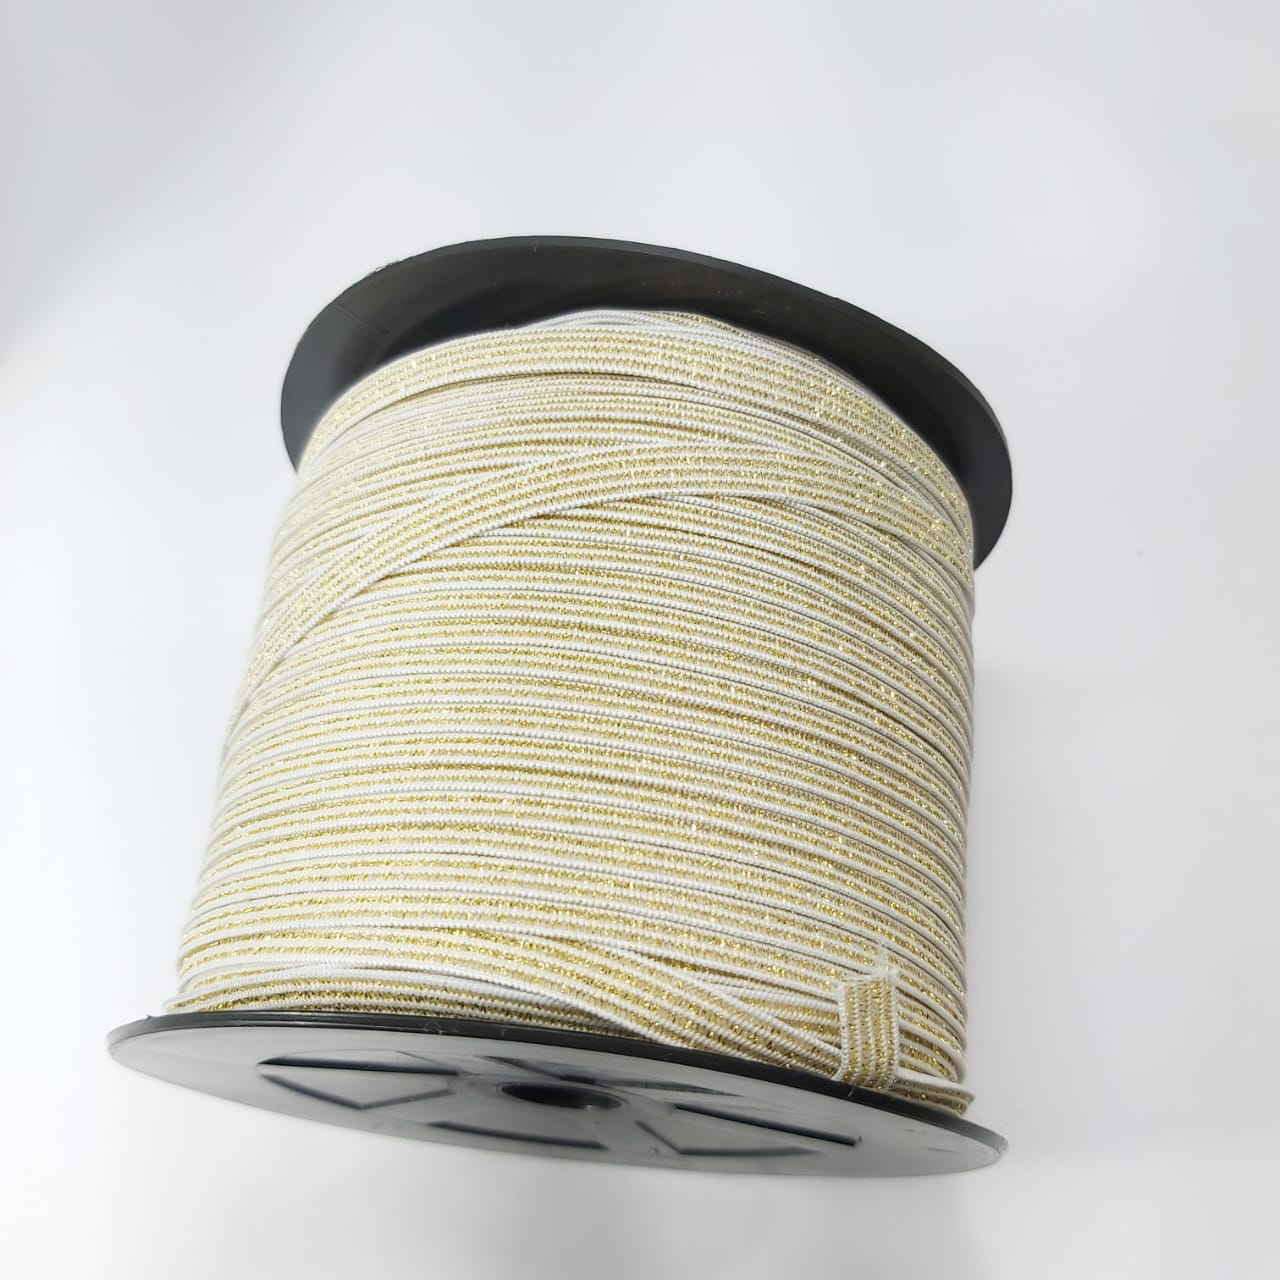 Elástico Chato com Lurex Dourado - 10 metros